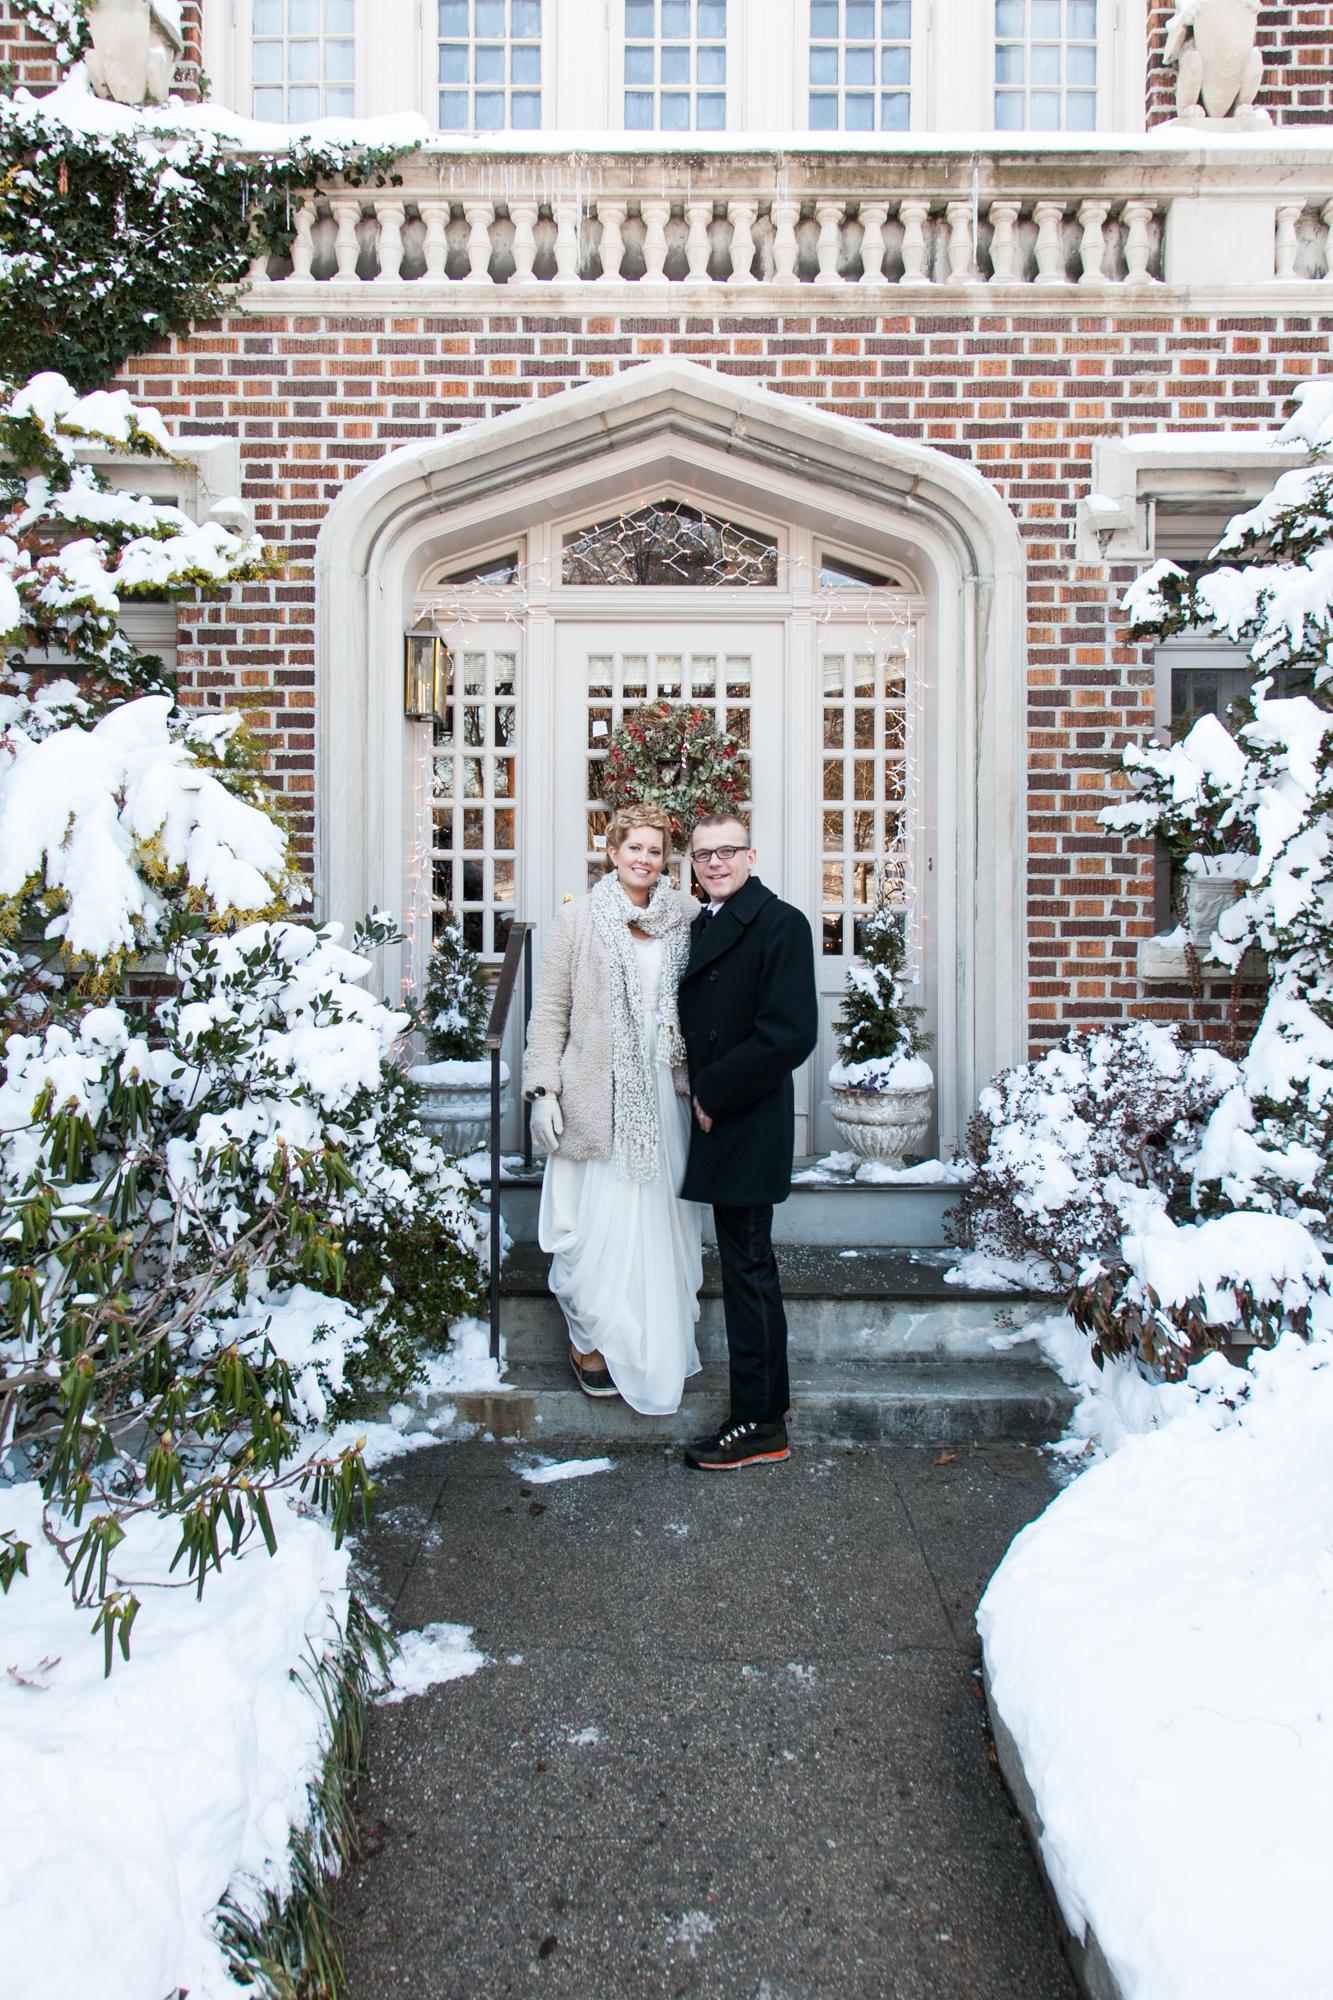 HeatherPhelpsLipton-Modern-WeddingPhotography-GreenBuilding-winter-prospectpark-10.jpg